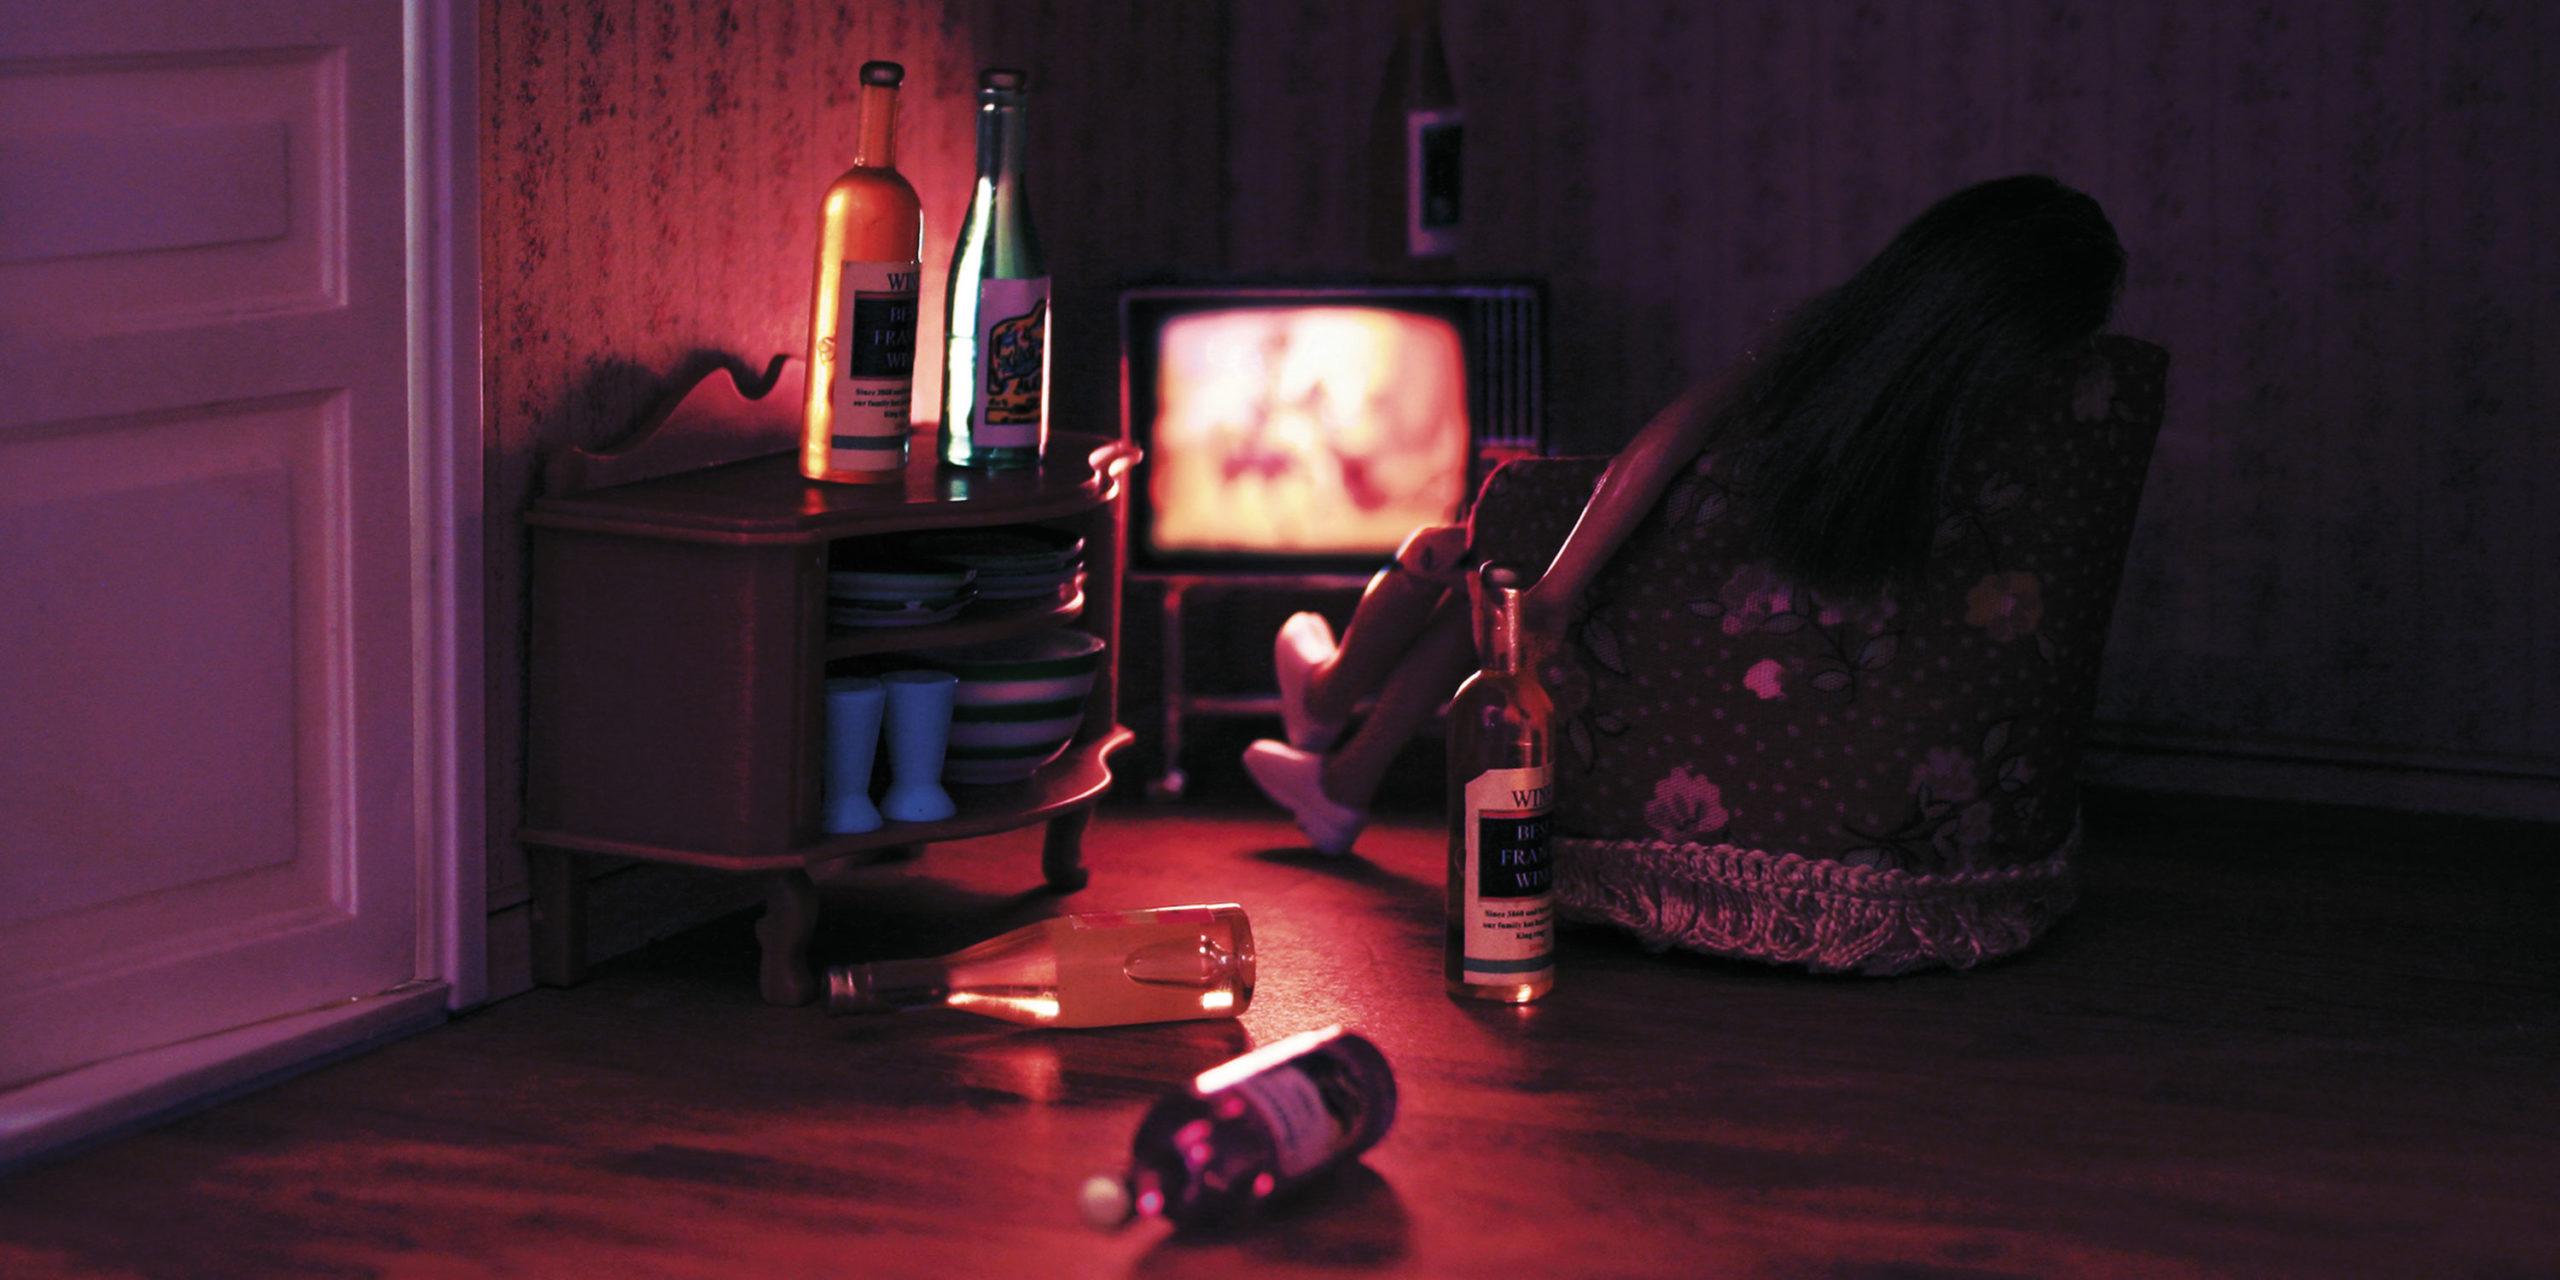 Prevenzione svizzera della criminalit violenza domestica for Domestica in svizzera